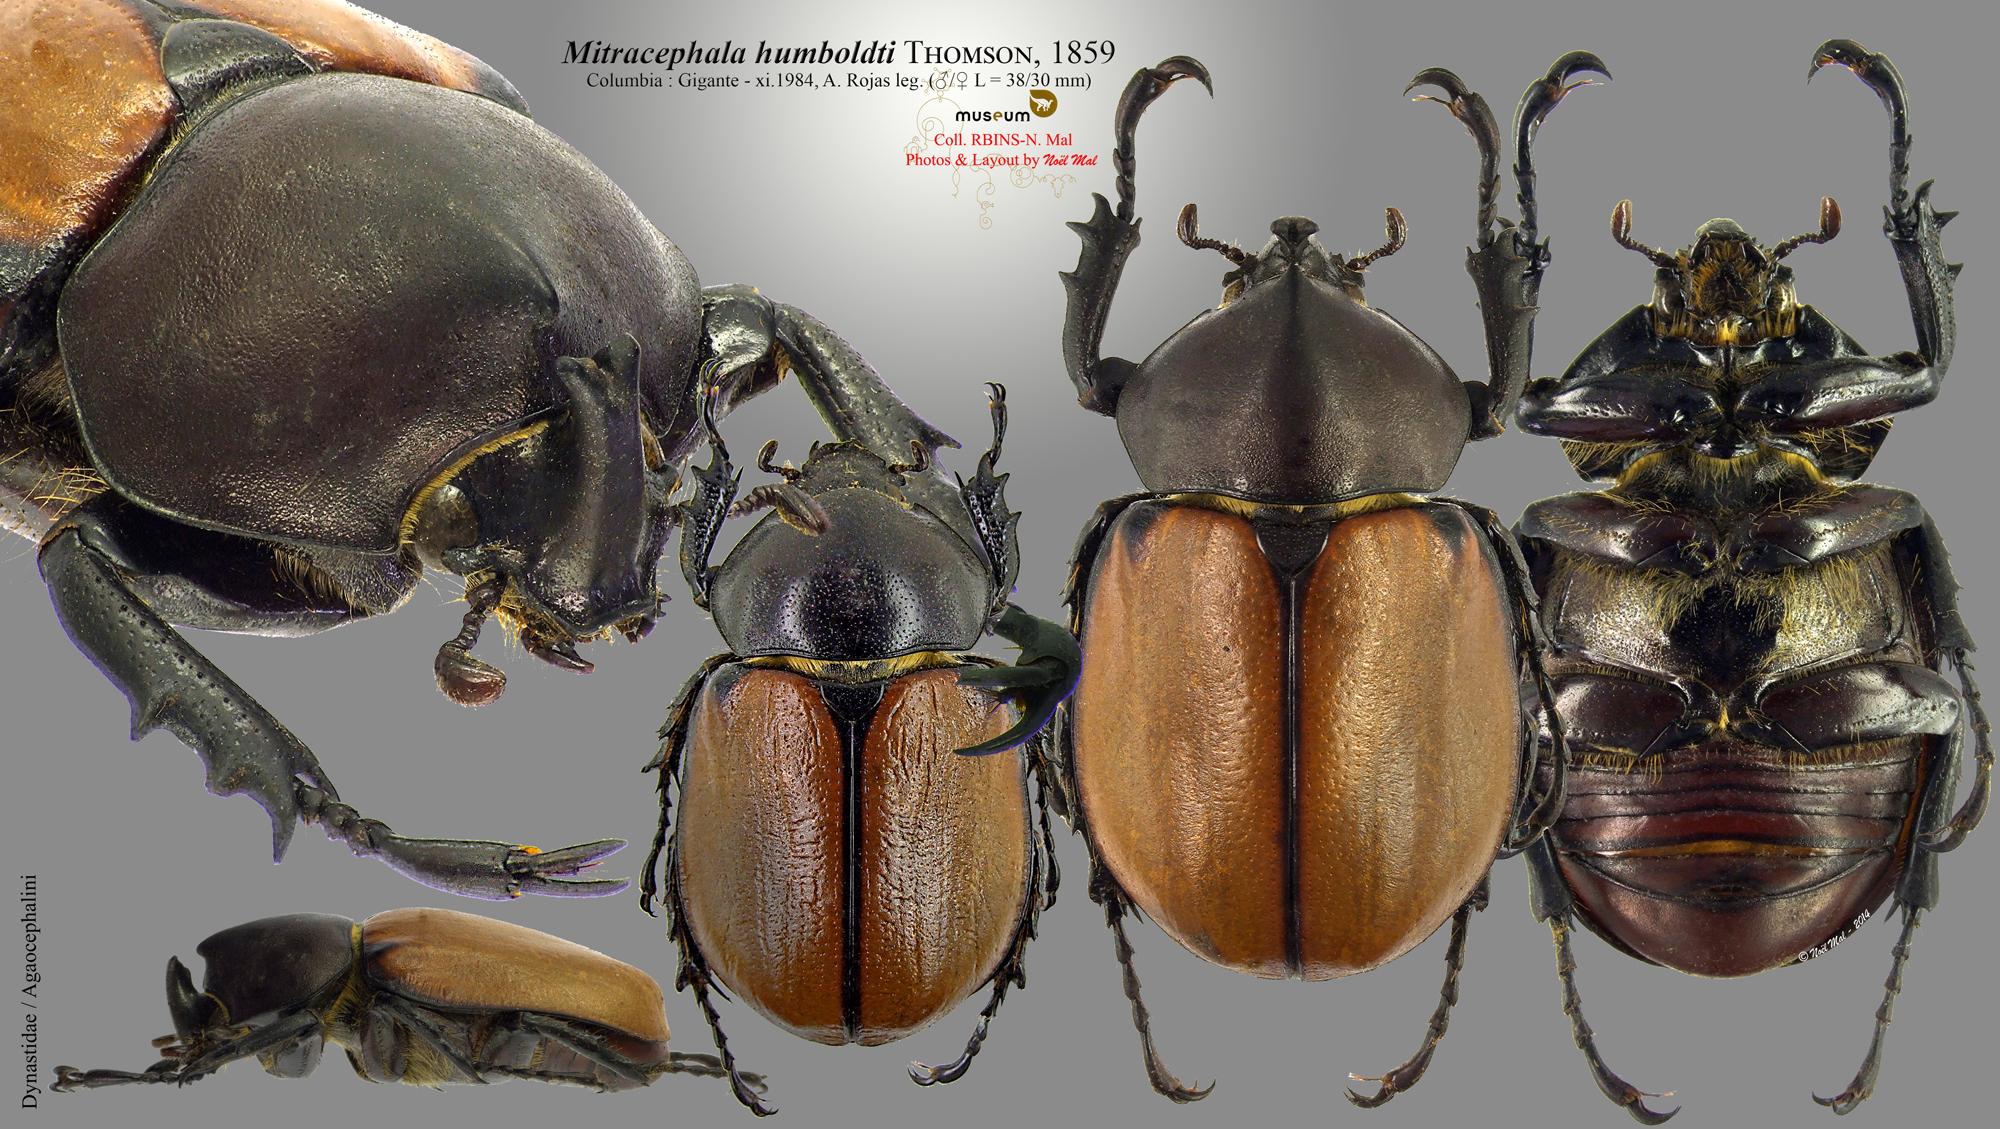 Mitracephala humboldti .jpg